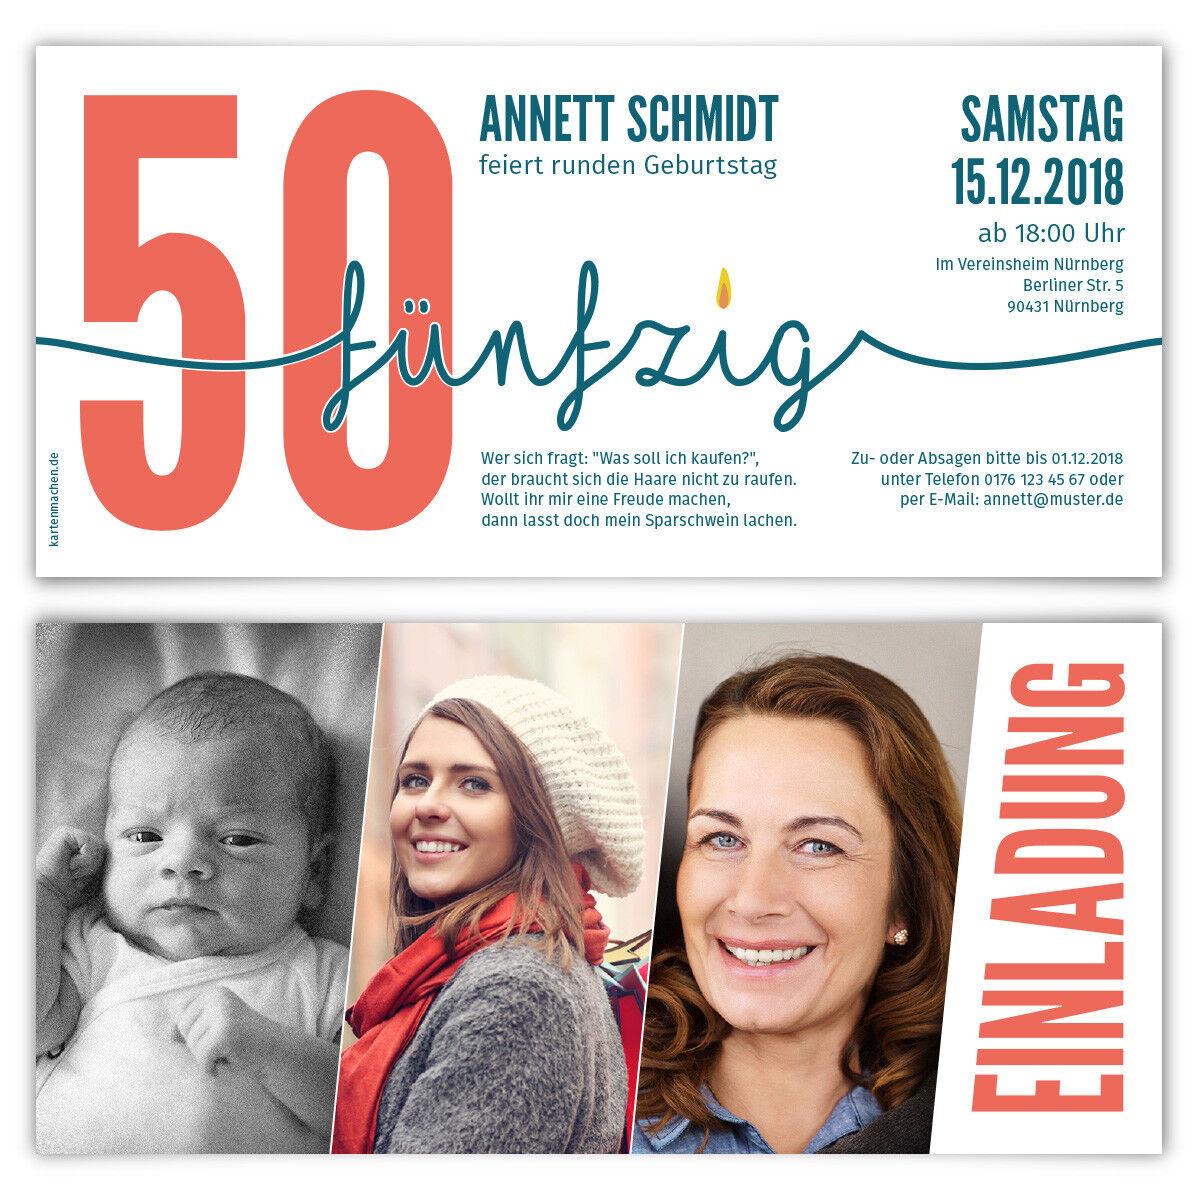 Einladung runder Geburtstag 50 Jahre Einladungskarten Karten - - - Foto Zeitstrahl | Zürich Online Shop  | Maßstab ist der Grundstein, Qualität ist Säulenbalken, Preis ist Leiter  5f4d2c